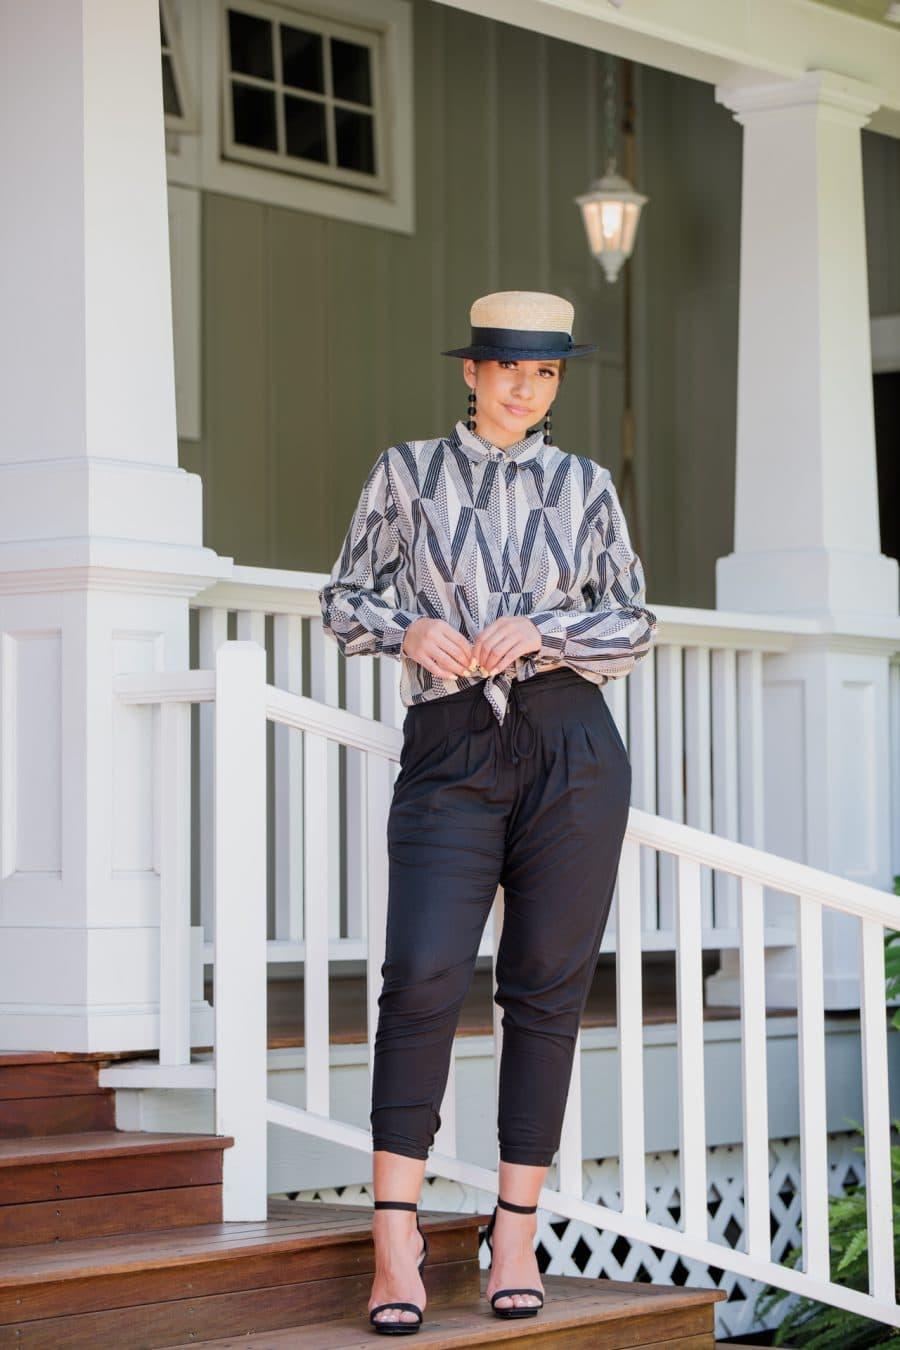 Model Wearing Top Sexetary in Windchine Black Kanaloa Pattern - Front View